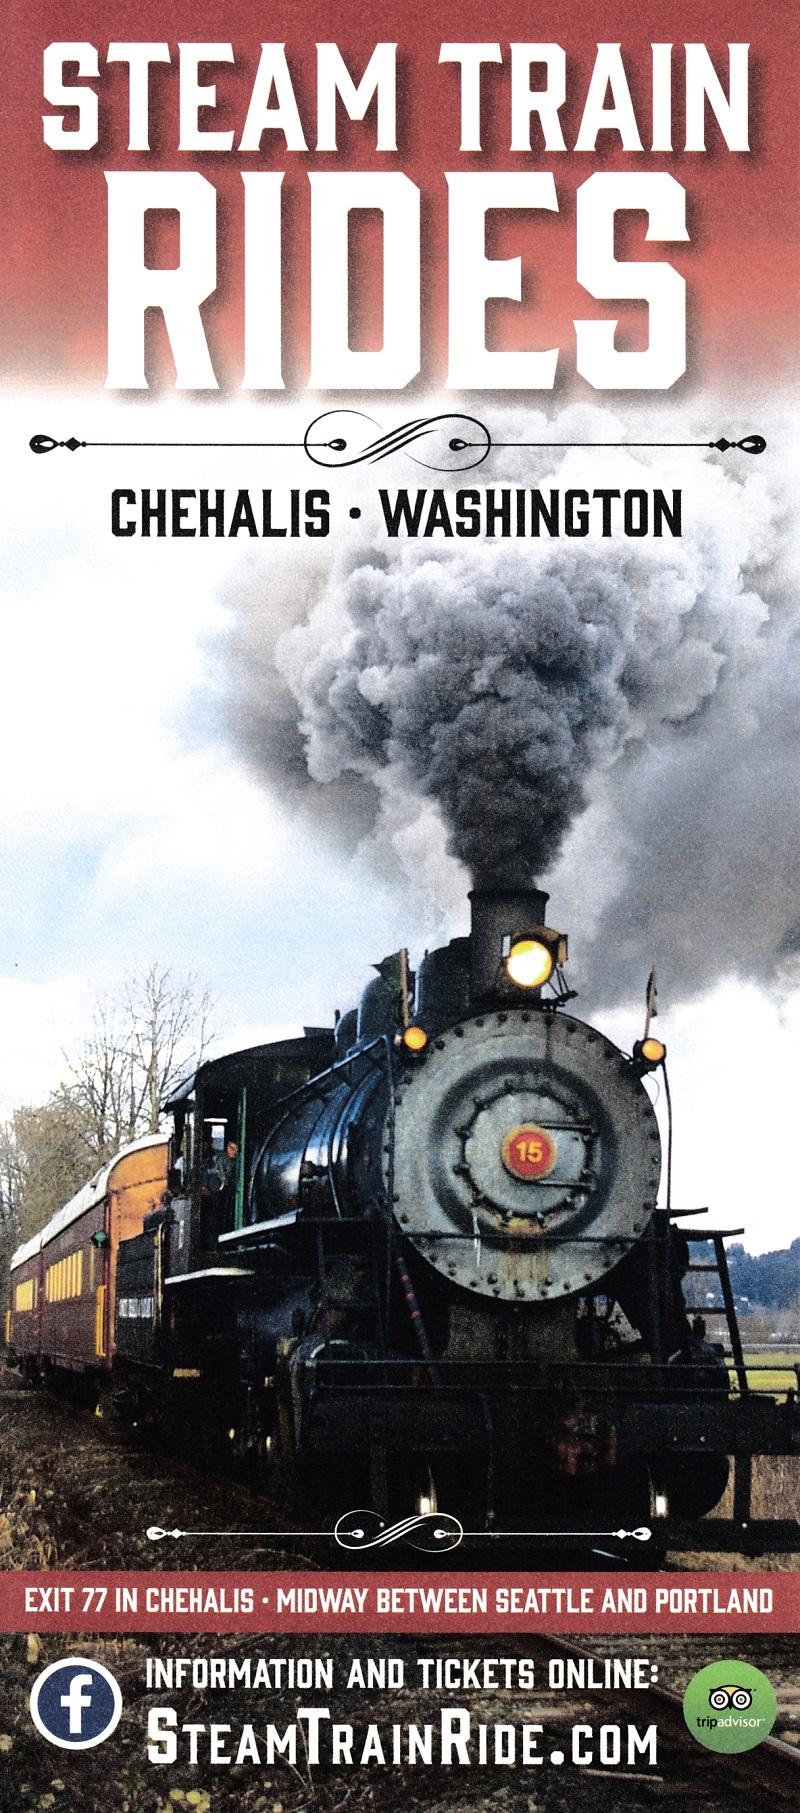 Chehalis Steam Train Rides